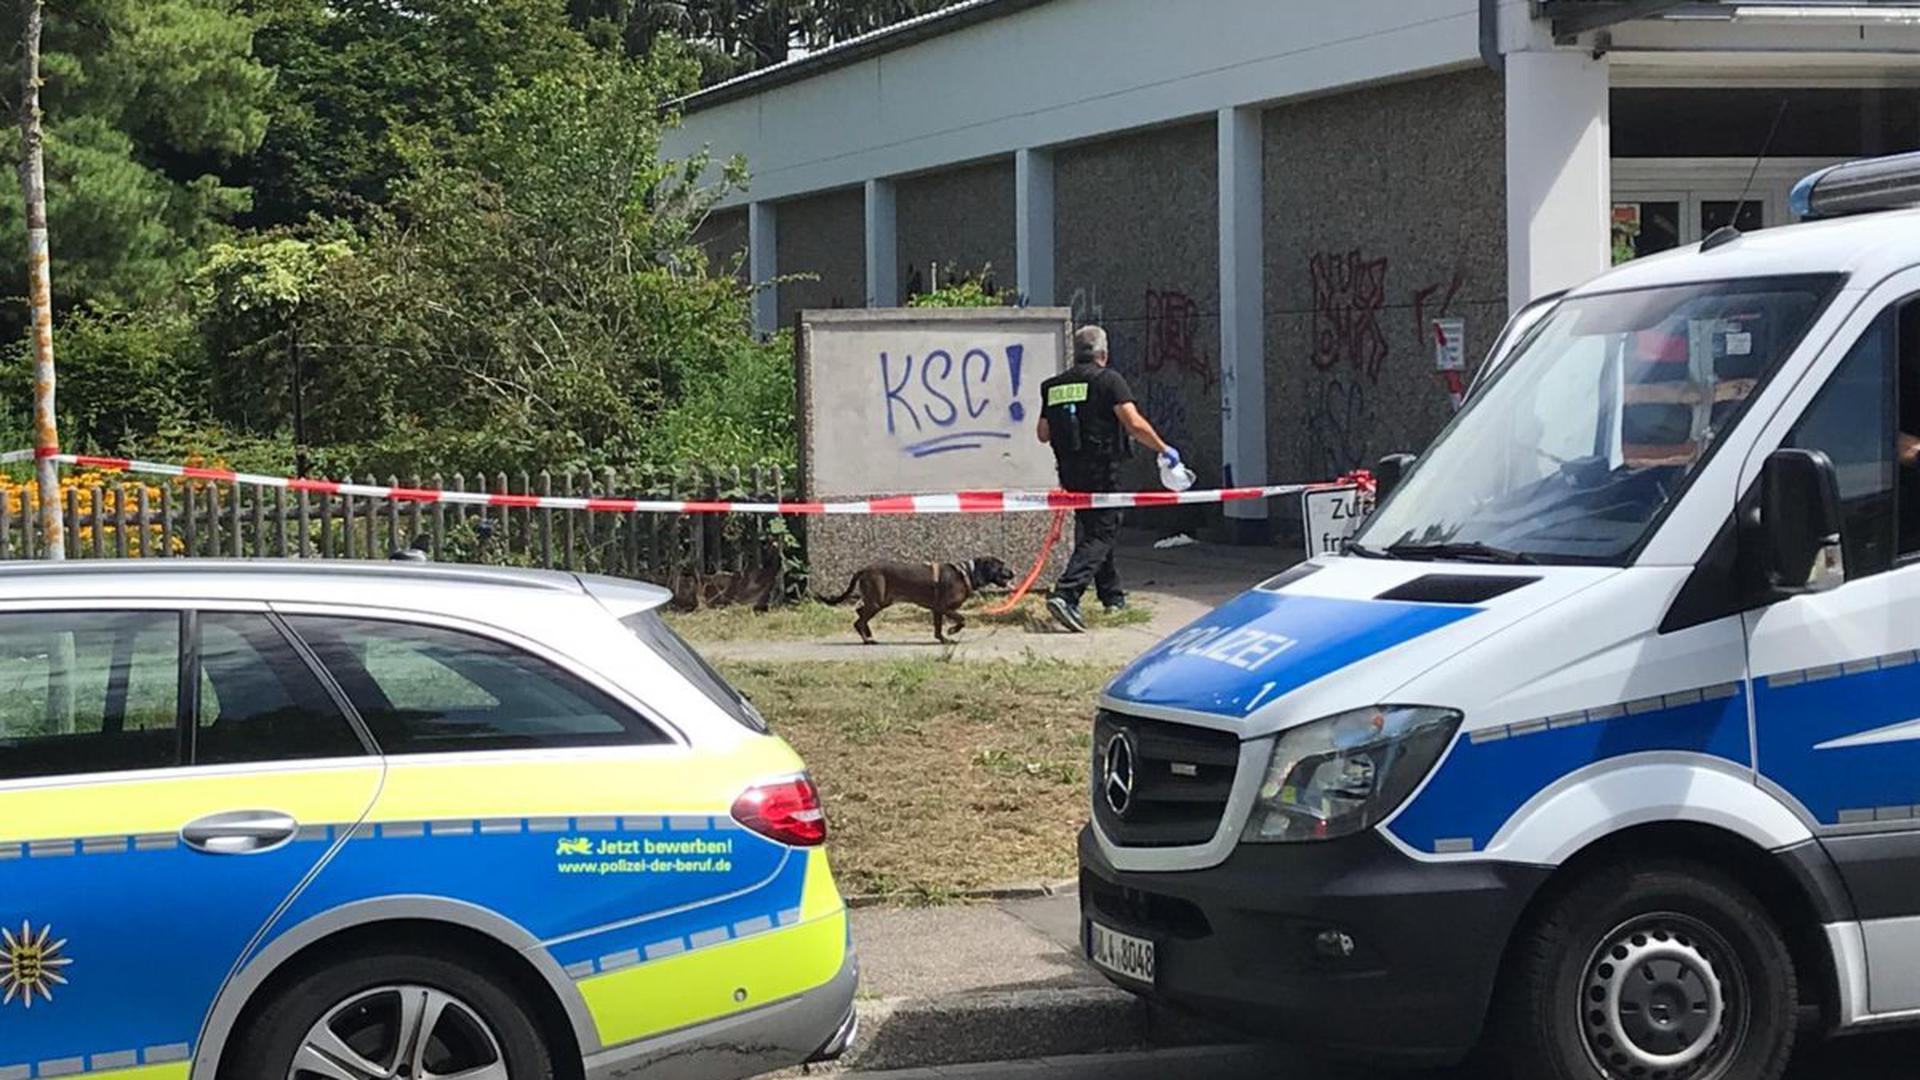 Die Polizei setzte am Mittwochmorgen auf einen Spürhund am Tatort in Karlsruhe.